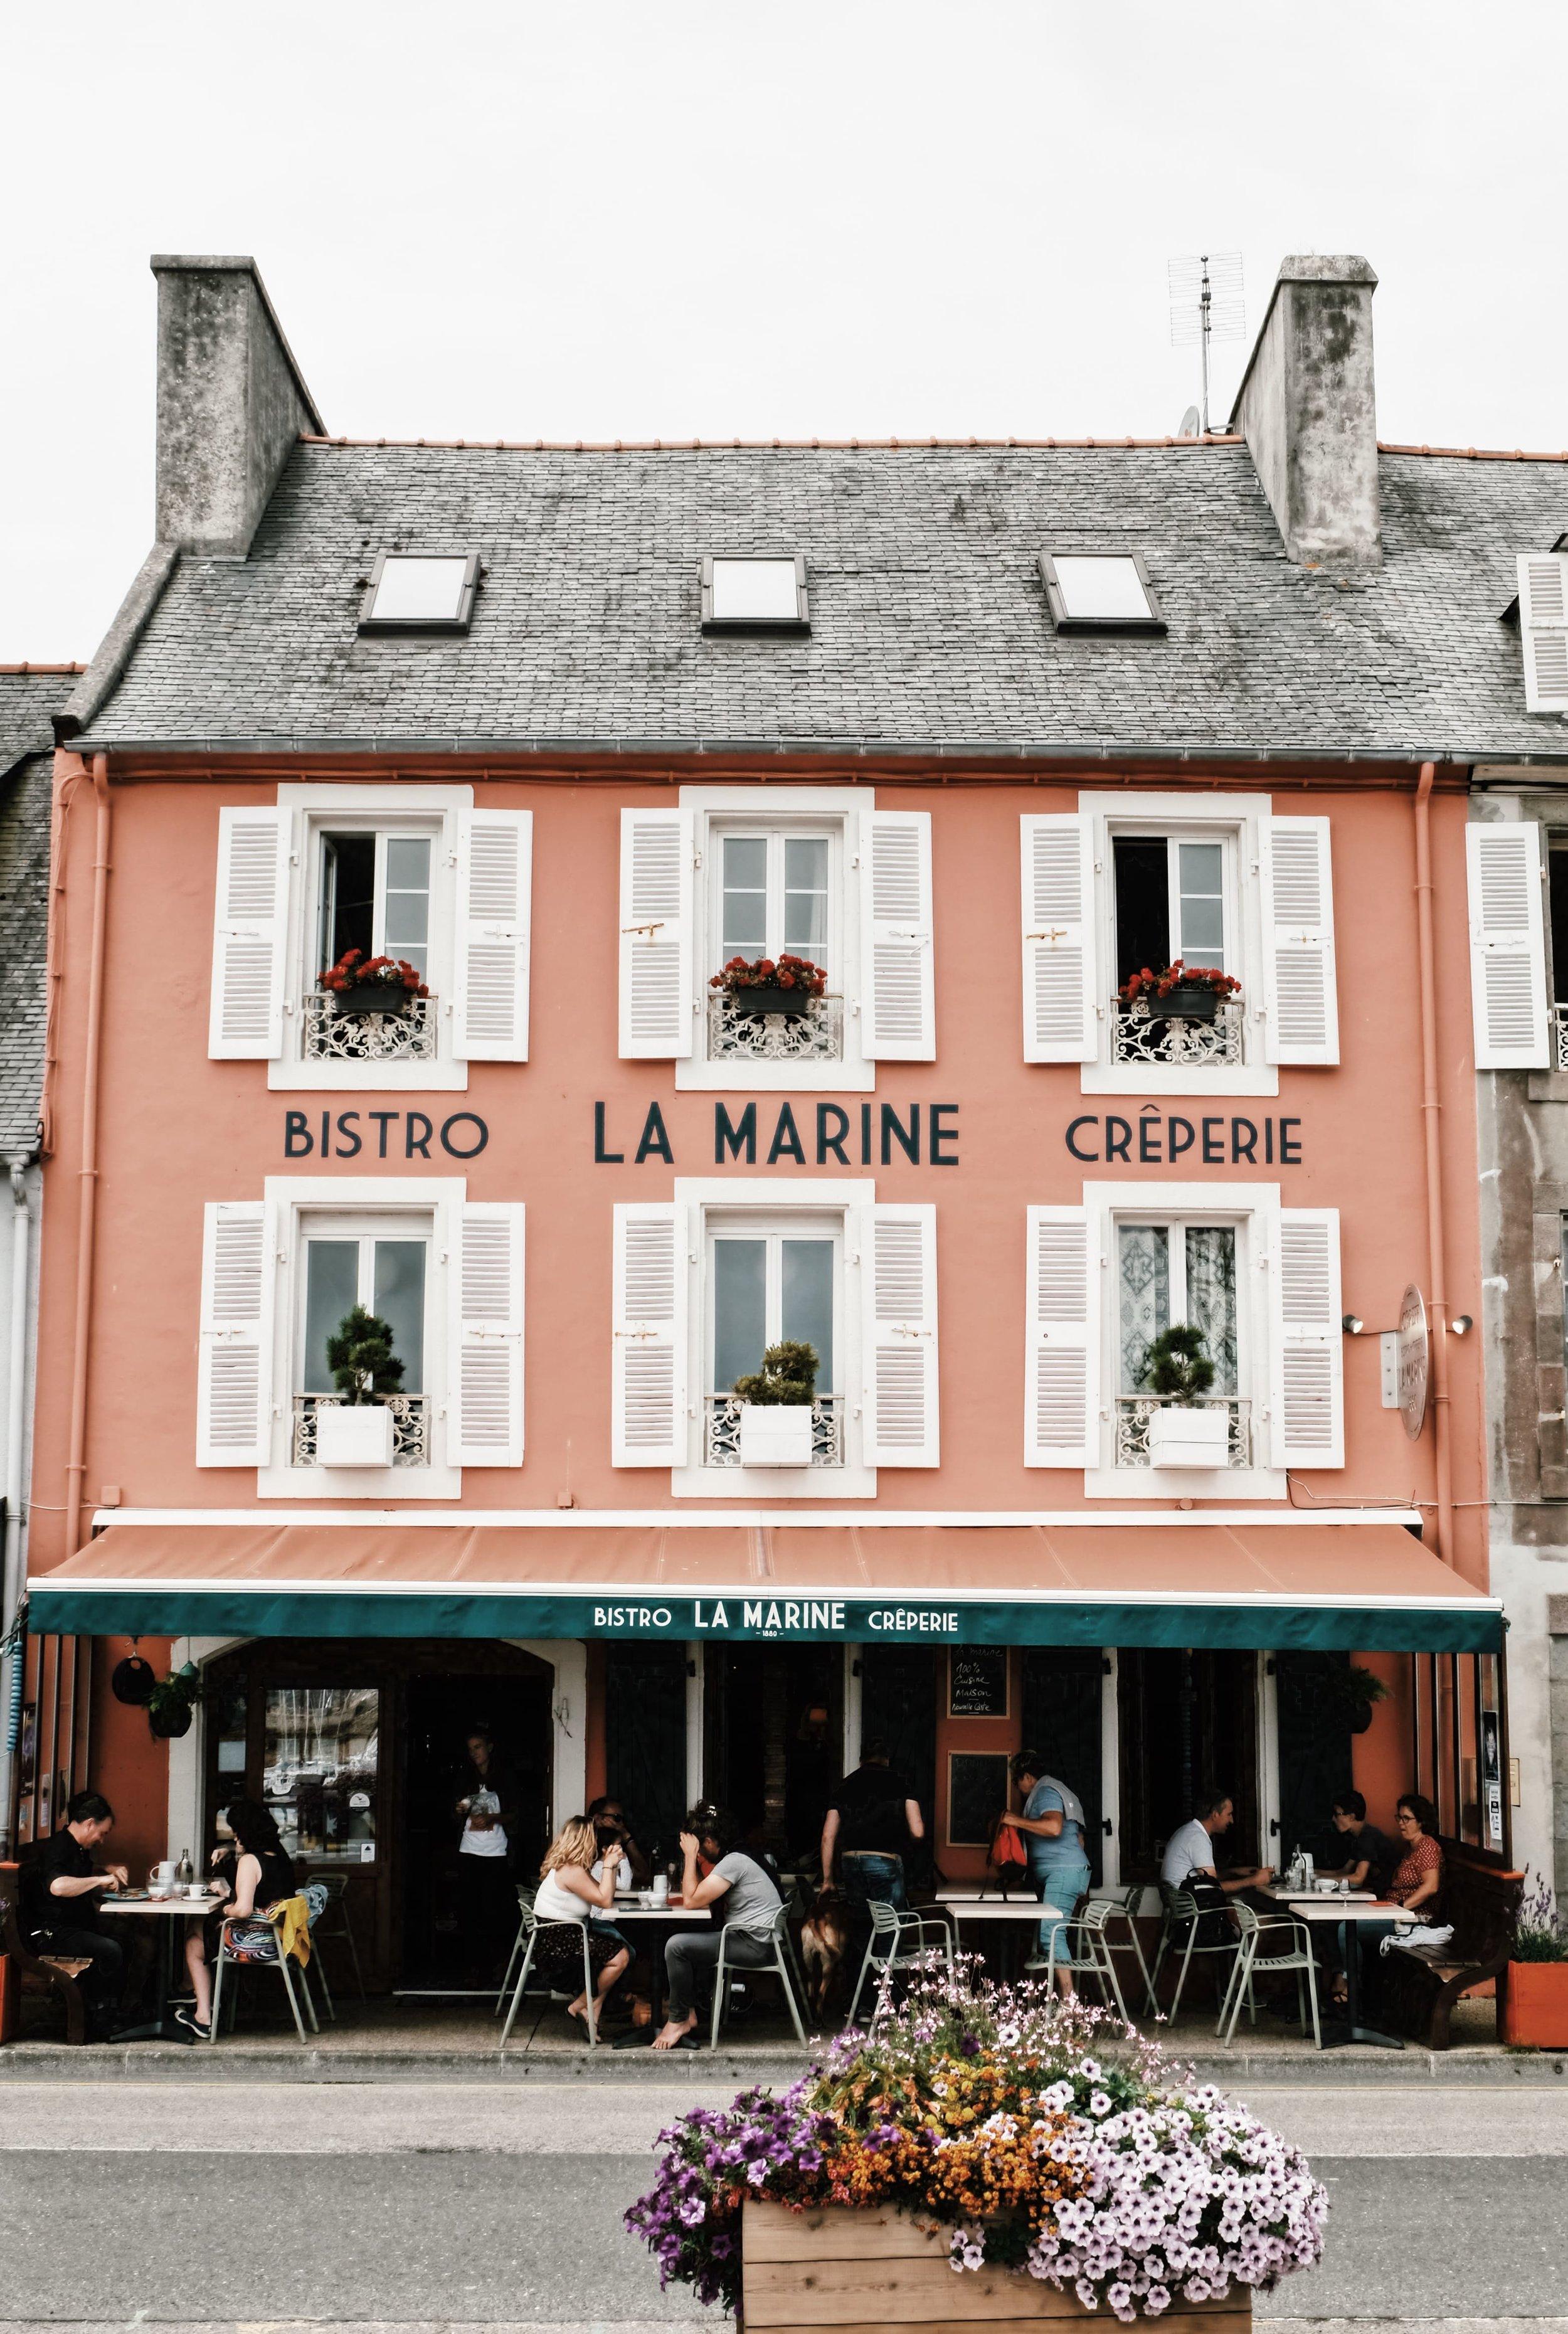 Carnet Sauvage - blog voyage Lille - visiter la Bretagne - presqu'ile de Crozon - Camaret sur mer 4.jpg